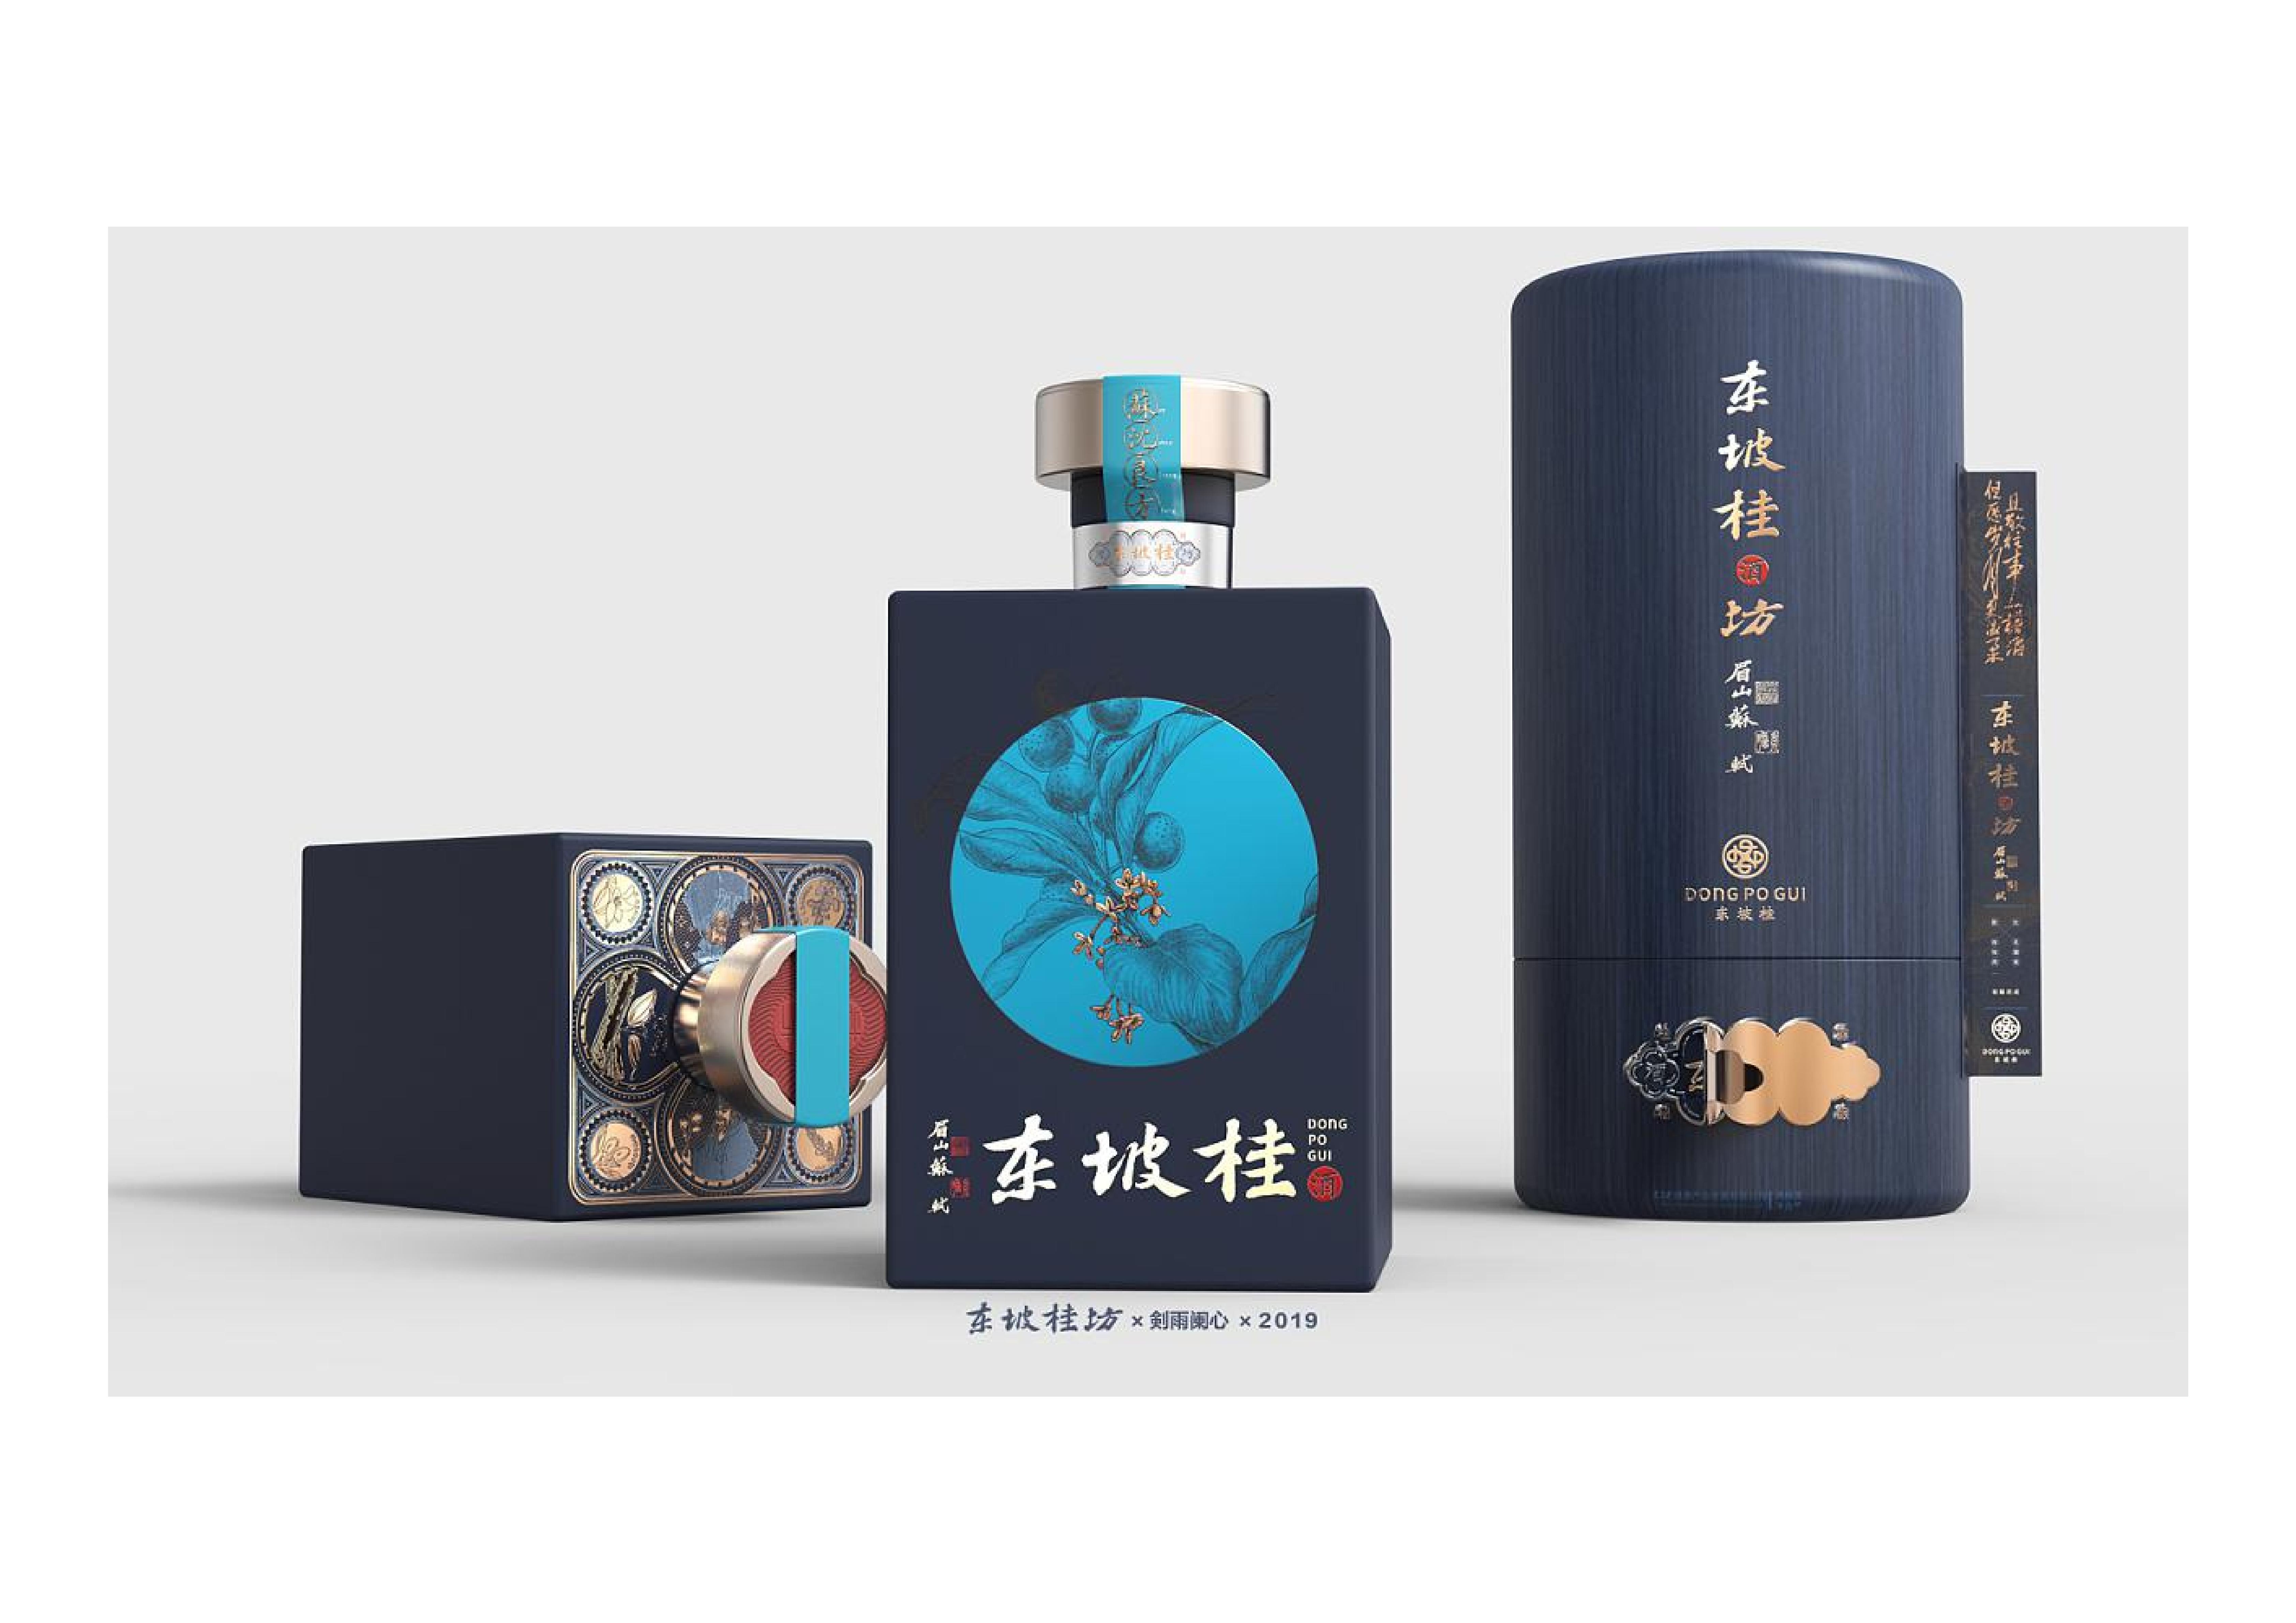 【高端包装设计】白酒红酒水包装设计茶叶包装化妆品礼盒包装设计